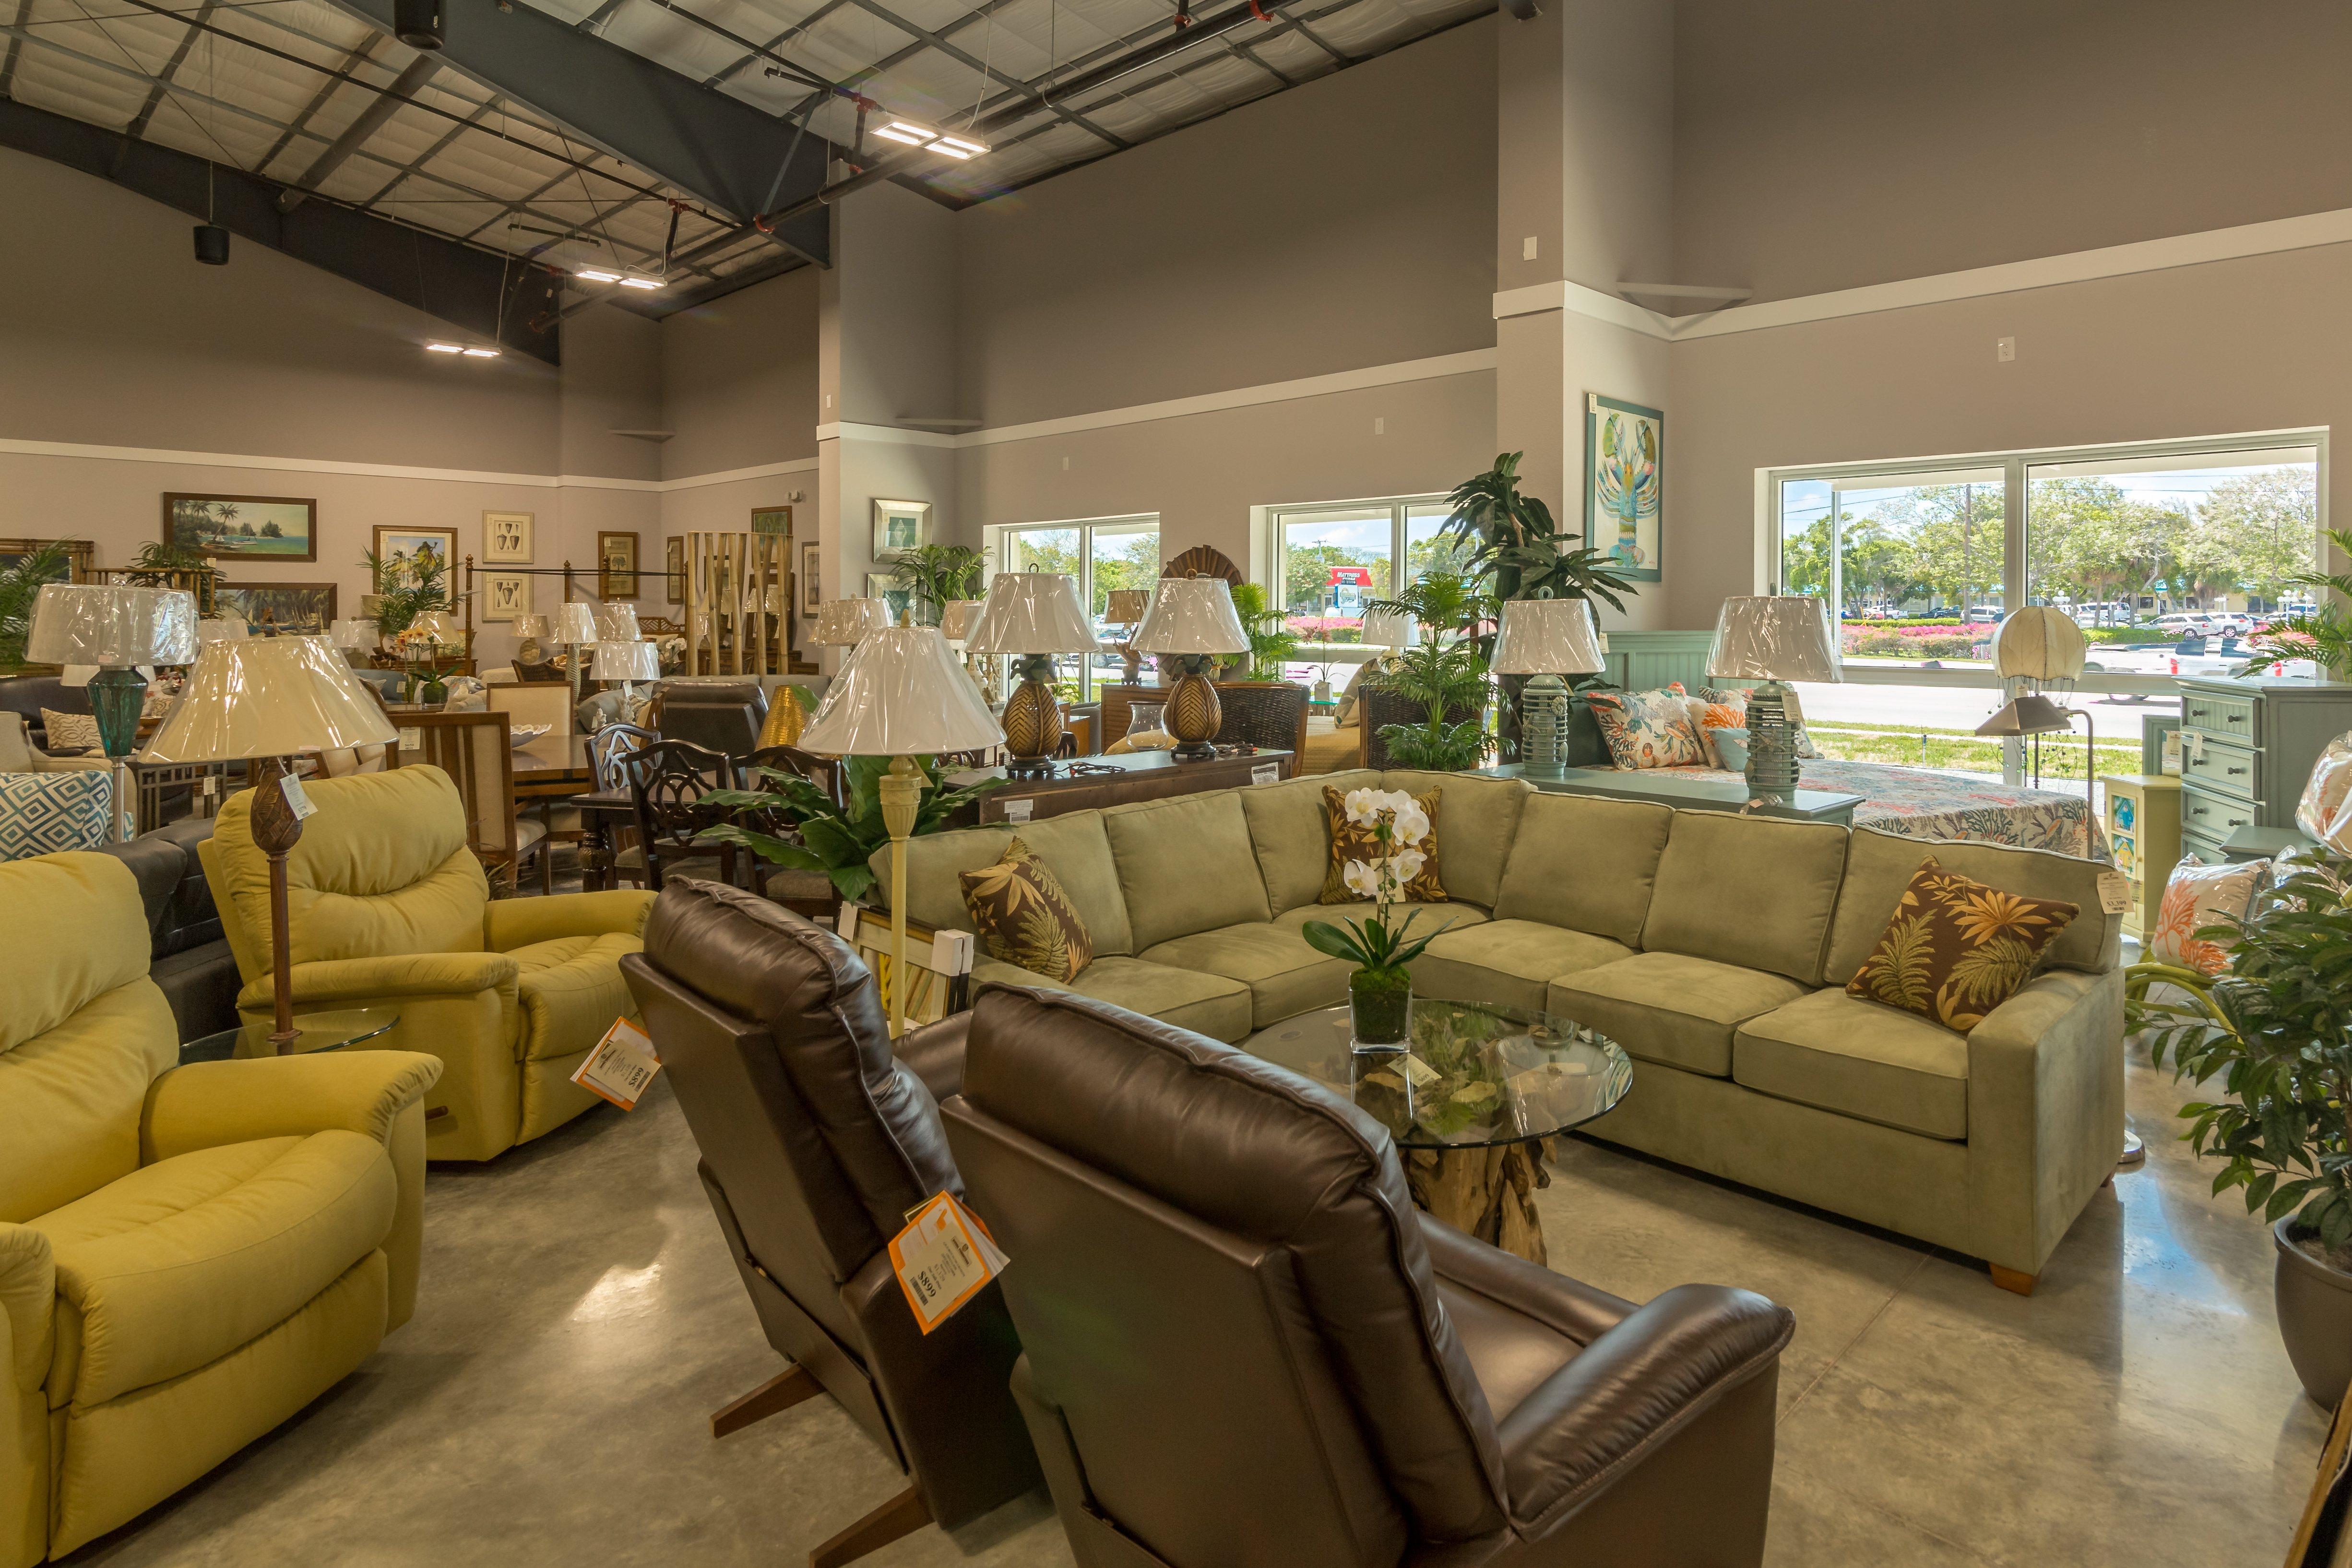 Key West Royal Furniture Design